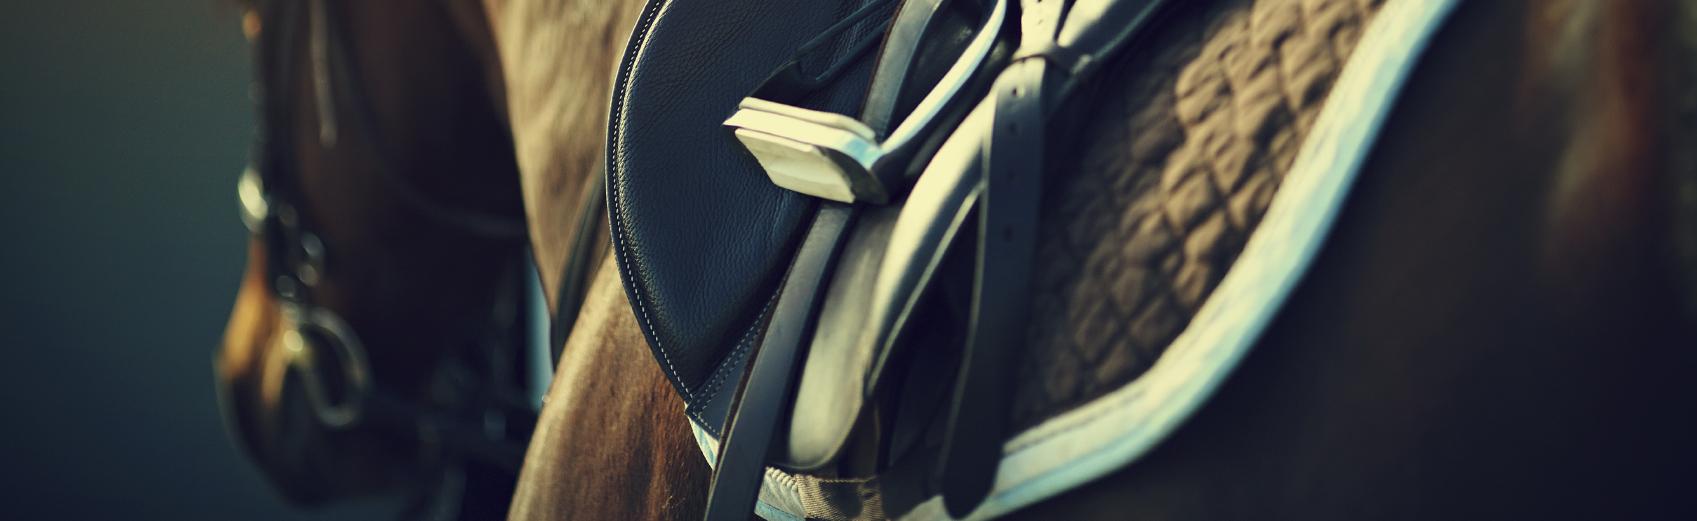 Les sports universitaires proposent 10 cours d'équitation en collaboration avec le manège d'Onex, ouverts à tous les niveaux.